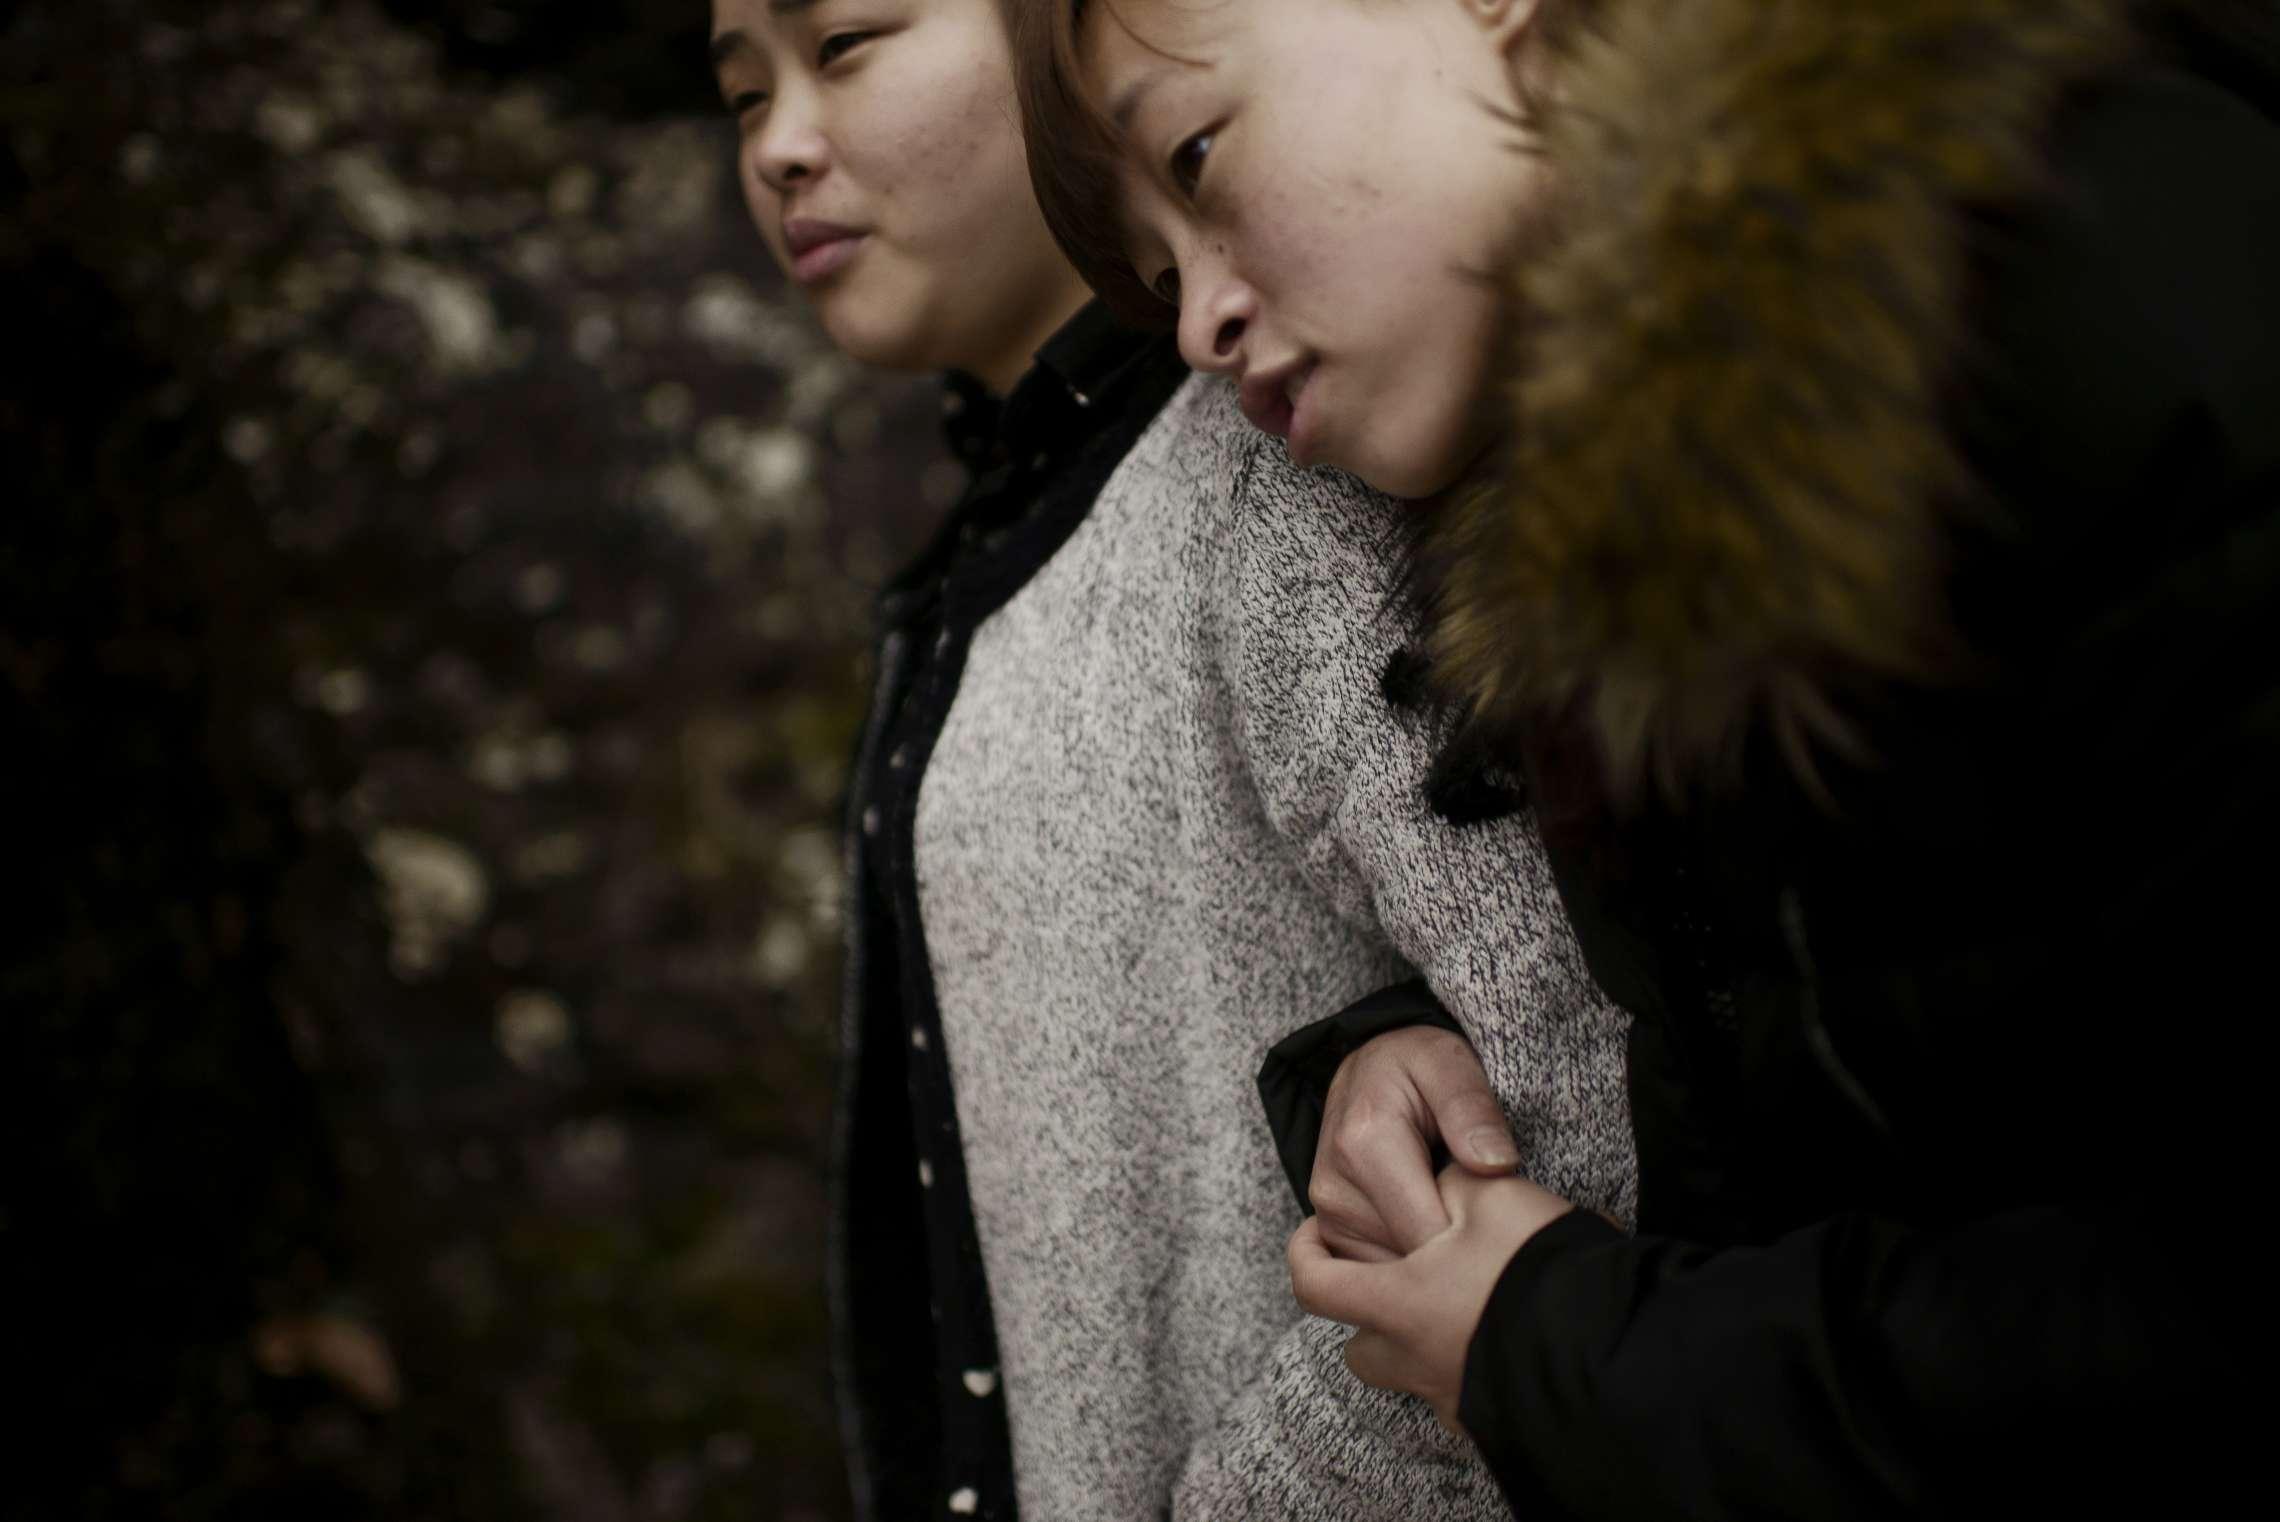 PK-nr: 10968 Kategori: 8, dokumentar utland Dato: 23.02.2015 Tittel: Hun reiser i morgen Hovedtekst: Siden 1978 har Kina opplevd den største folkevandringen i verdenshistorien. Nærmere 160 millioner kinesere har reist fra lutfattige landsbyer for å finne arbeid i byene. I fjellandsbyen Hangsha i Hunan provinsen, står Rong Shi Yu (14) på klippen sammen med barndomsvenninnene sine, hånd i hånd på høye hæler, mens de blåser rosa bobler. De synger om gutter de ennå ikke vet hvem er, som skal gjøre dem lykkelige, og kanskje velstående. De synger om å høre til her i Lu Dong-fjellene, men i morgen pakker de trillekoffertene, reiser fra alt de kjenner, mot kysten og storbyene. Der venter Kinas mest effektive fabrikker med ti kroner i timen, ti timer hver dag. Men der venter også mulighetene for økonomisk uavhengighet. Bildetekst: Shi Yu Pun (23) og Shi Yu Zheng (18).